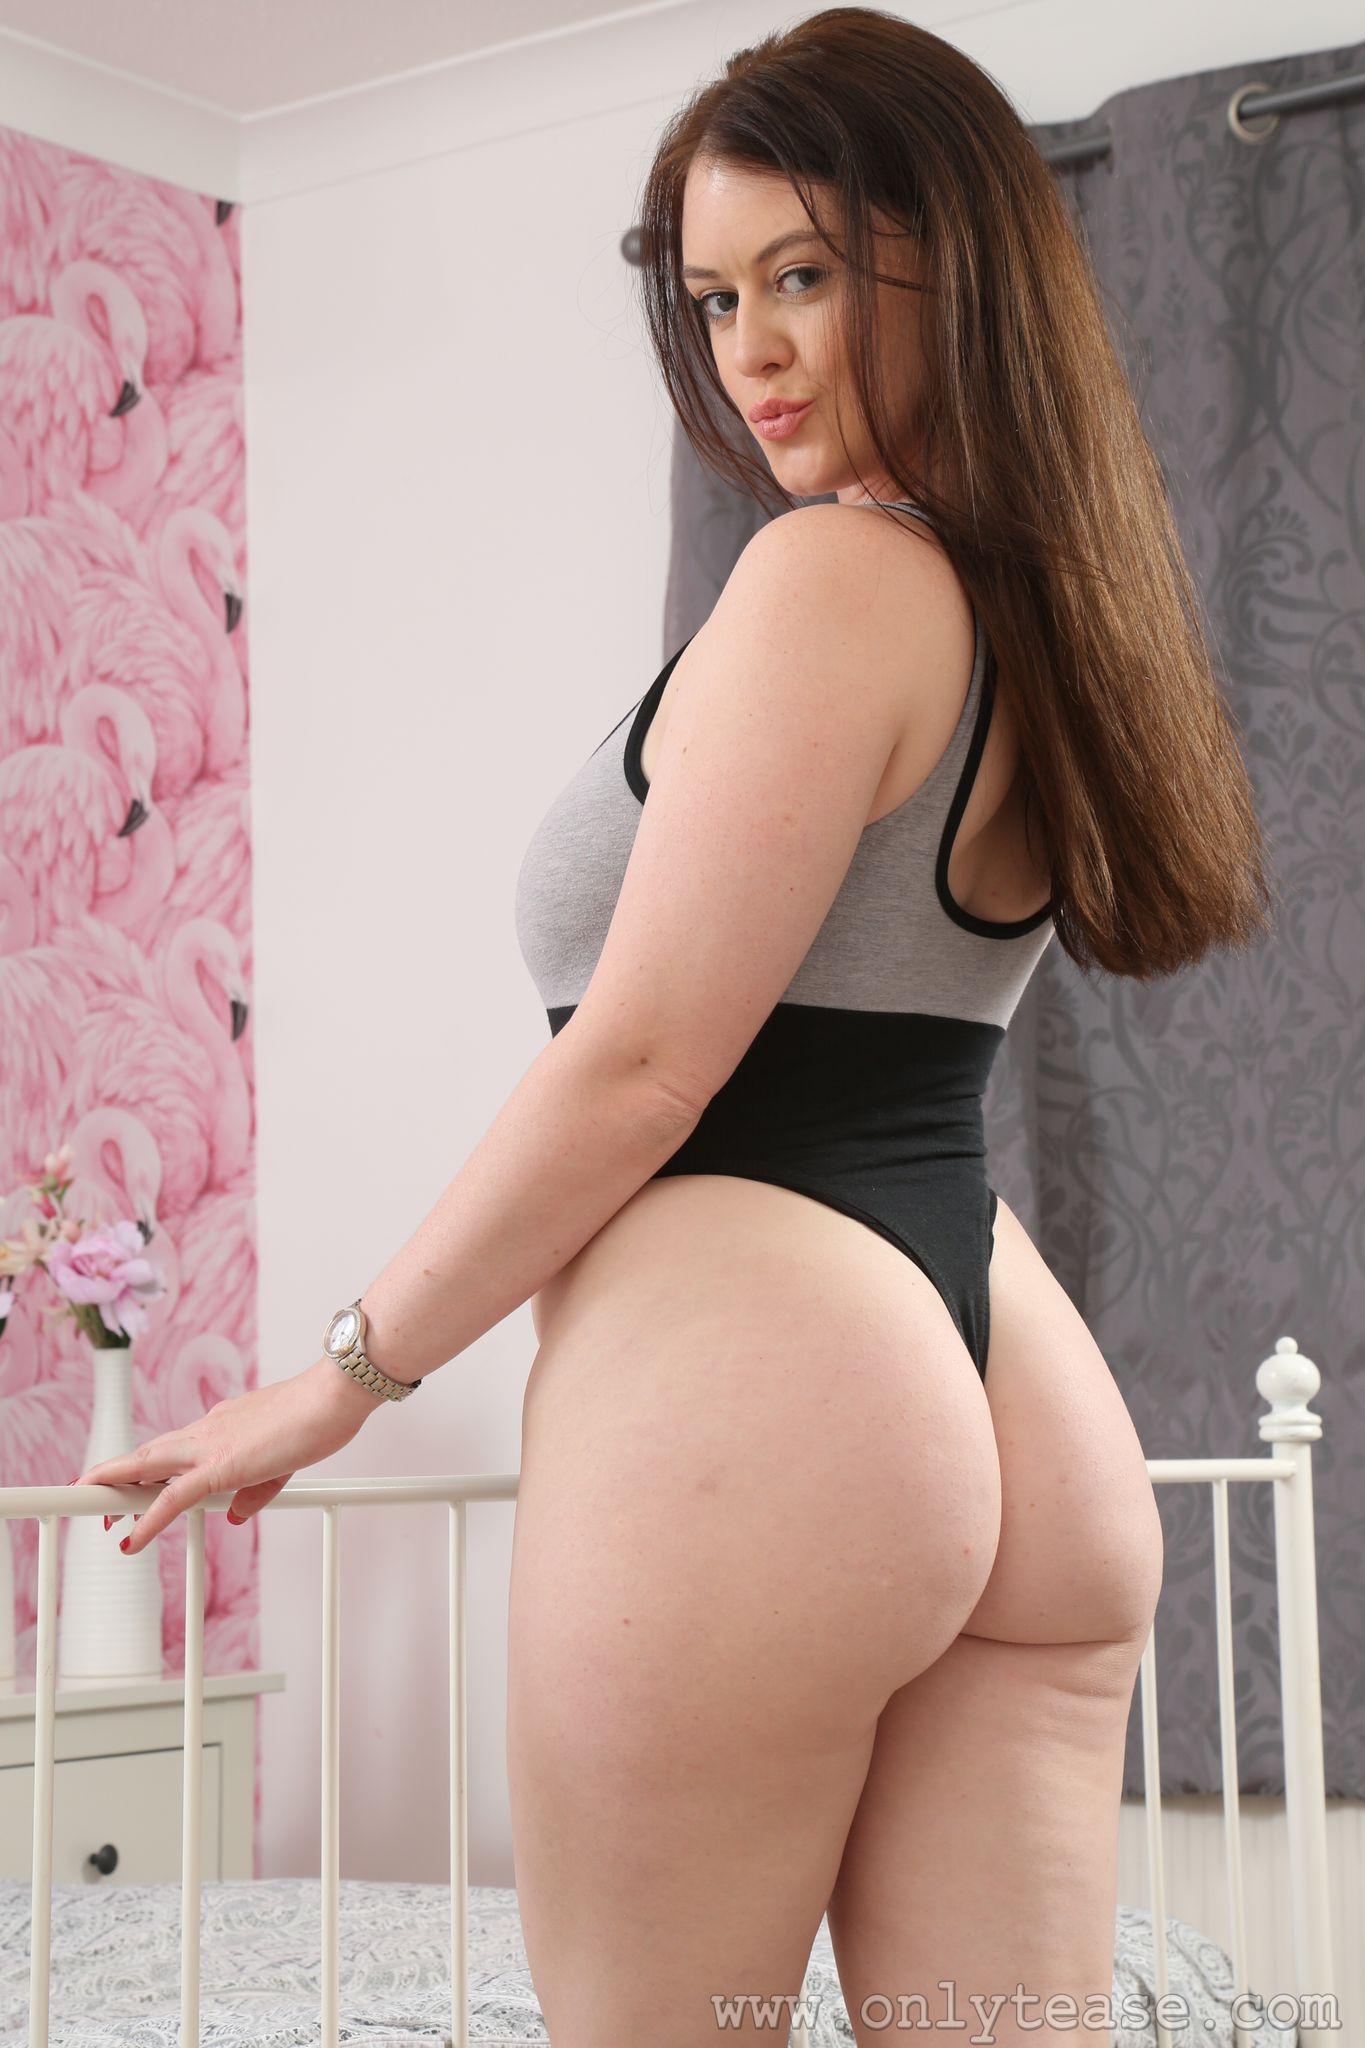 Big tit chubby girl